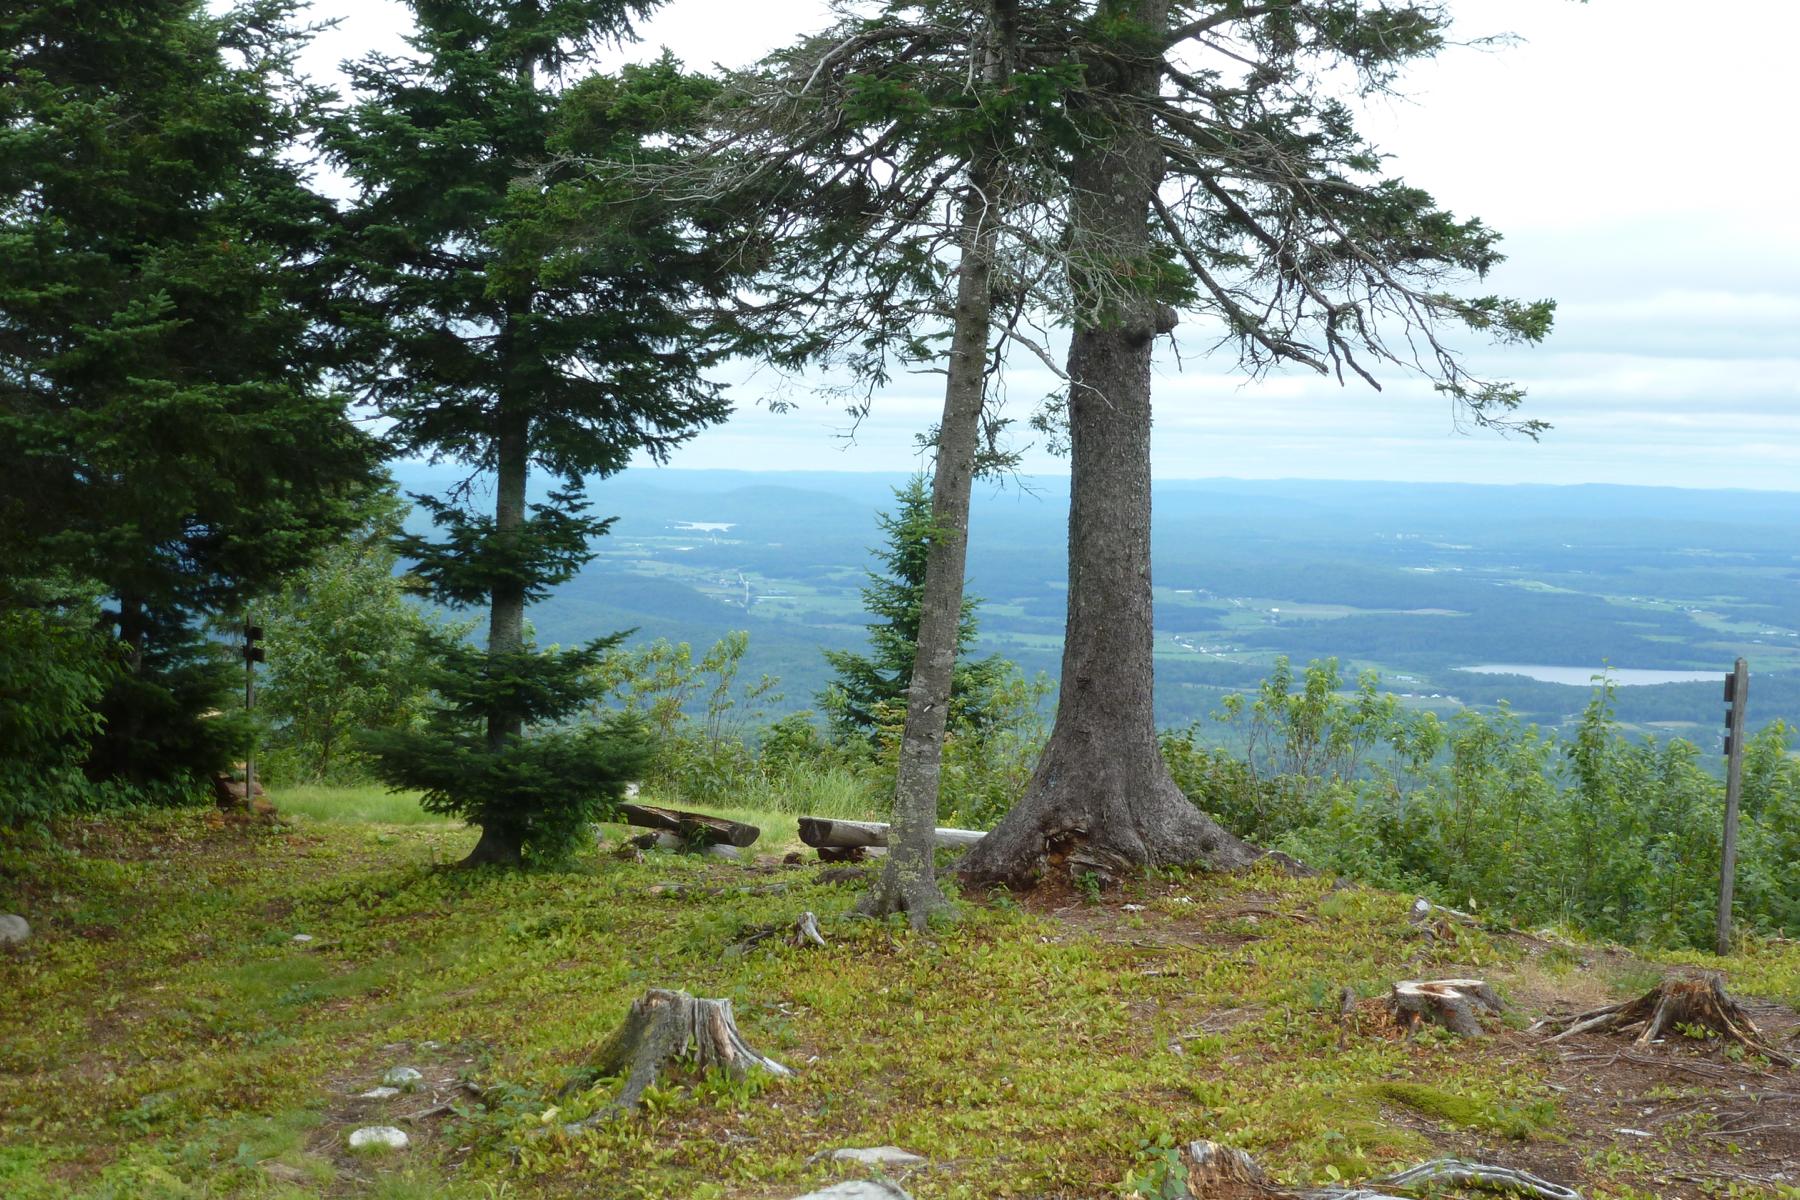 parc-montagne-du-diable-paysage-00208_1800x1200